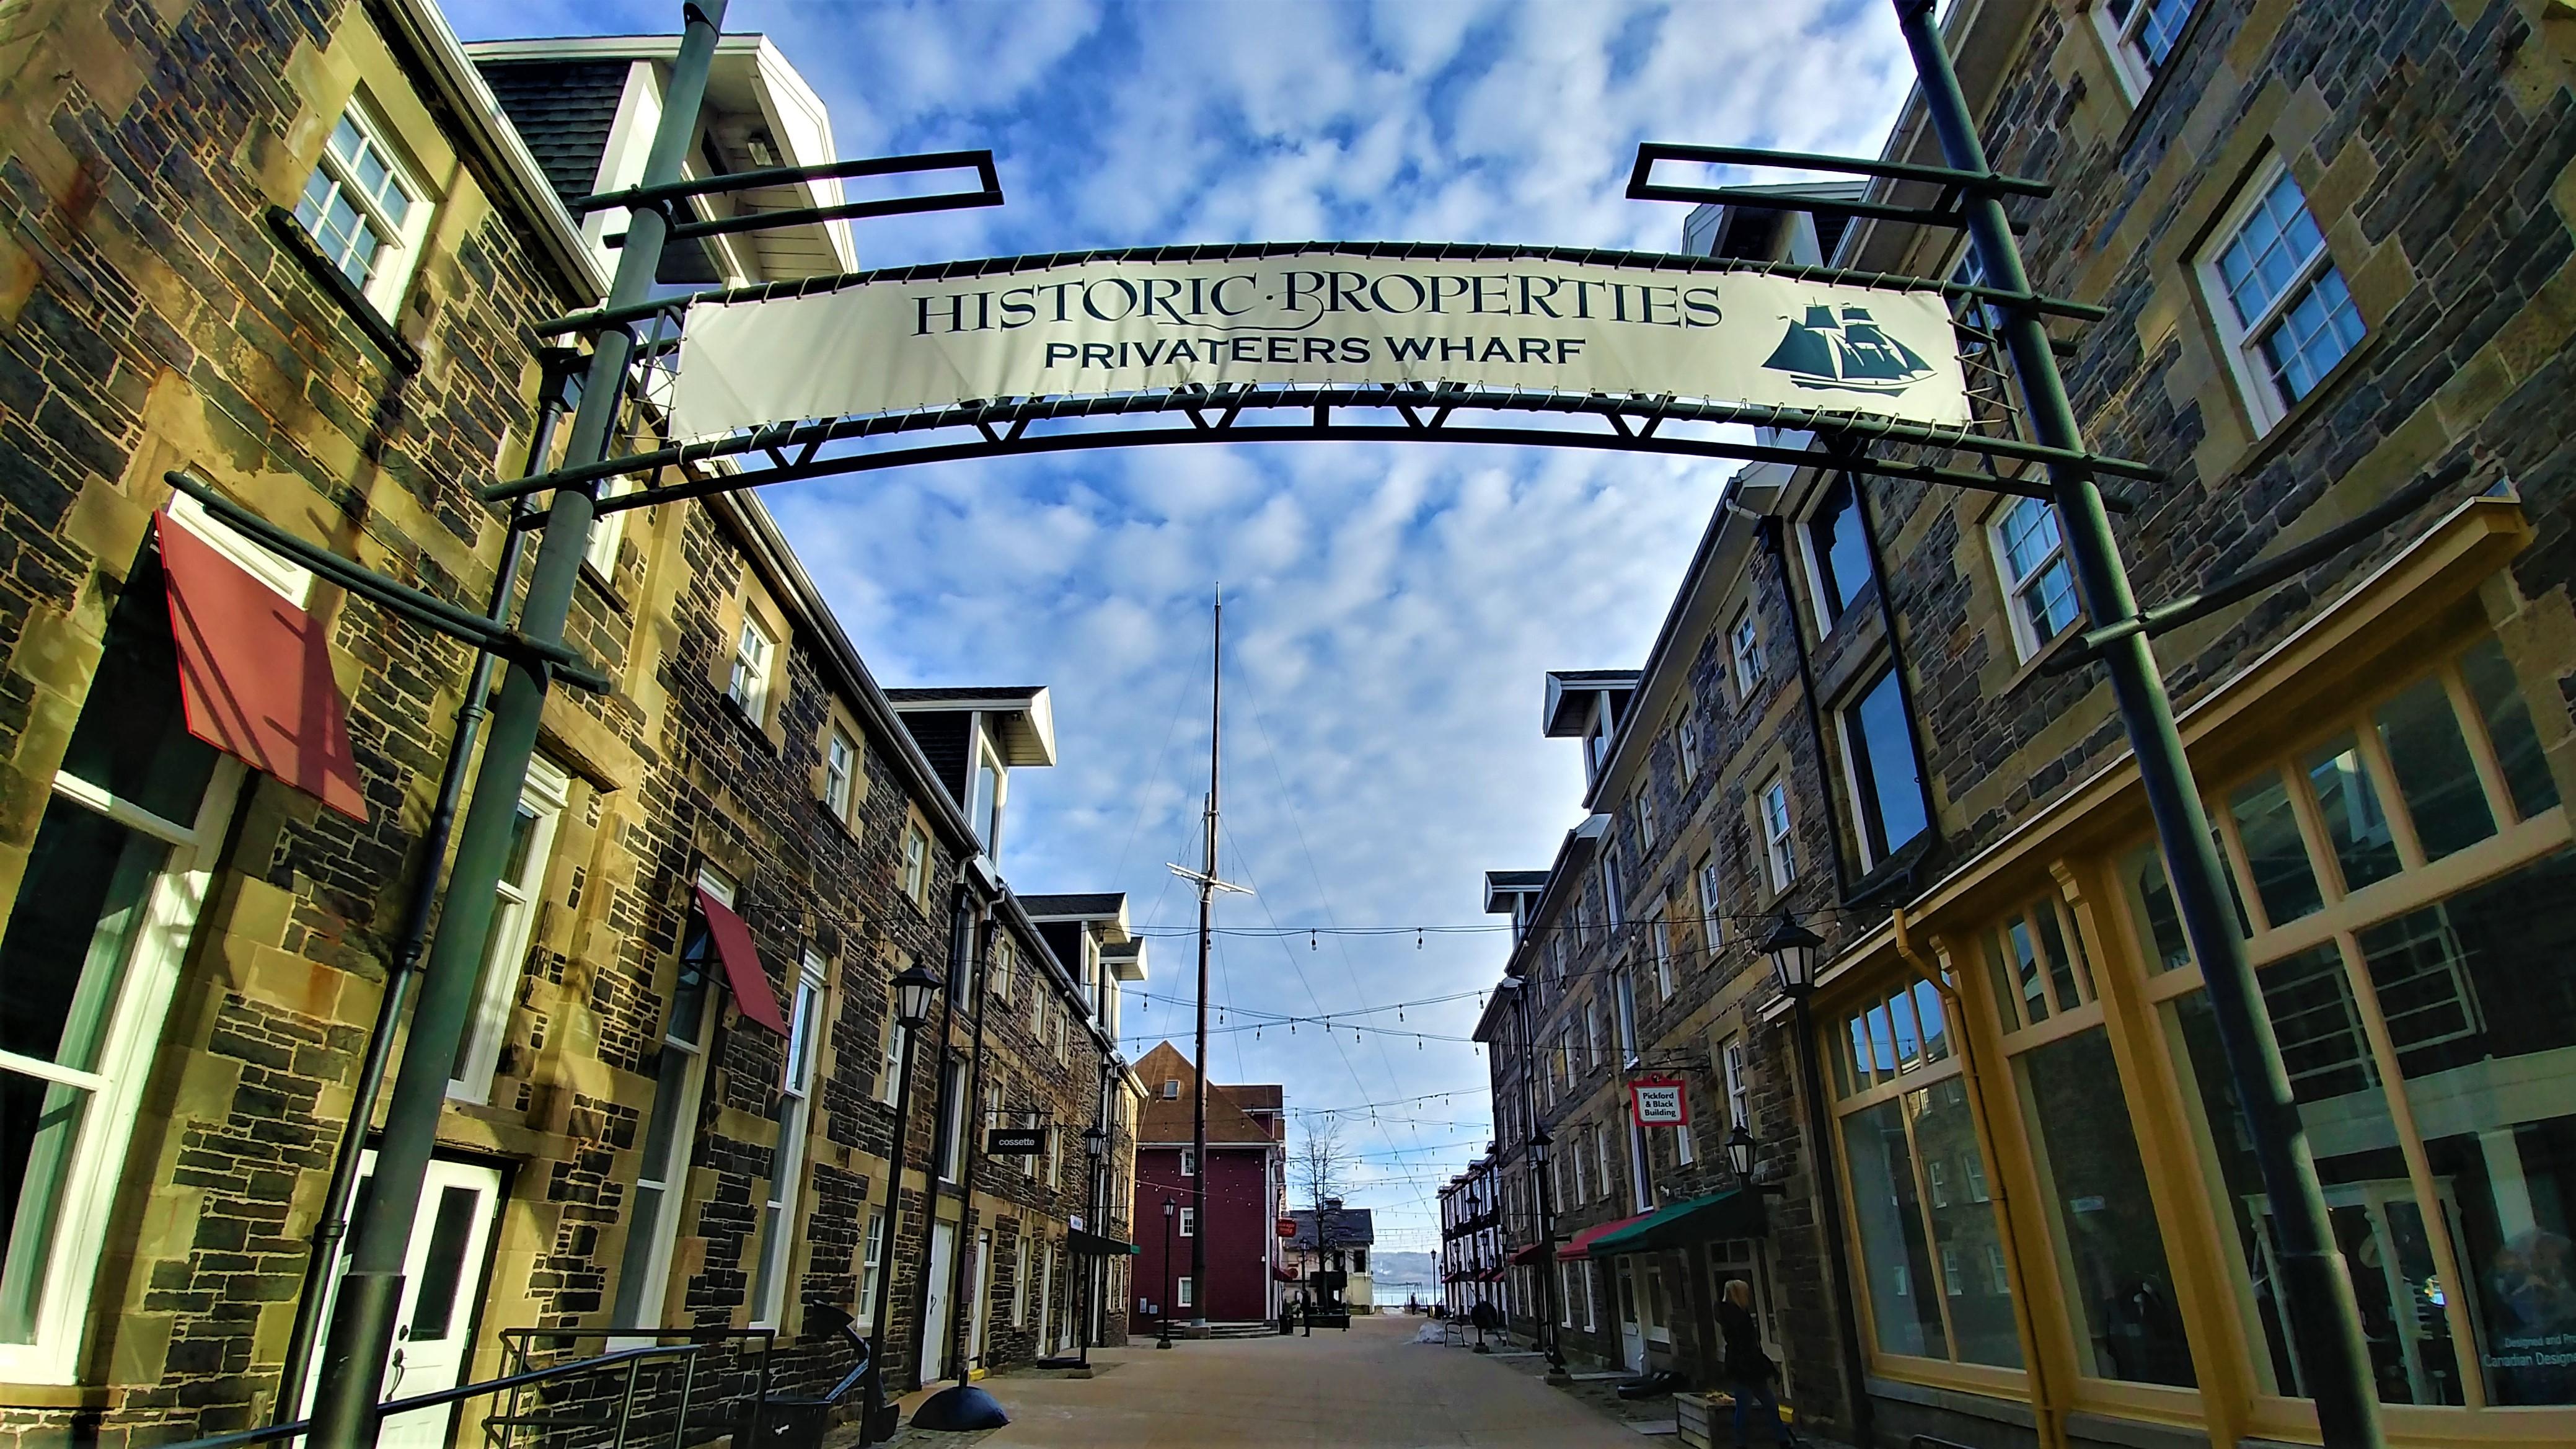 halifax historic properties harbourfront que voir voyage nouvelle-ecosse blog voyage canada